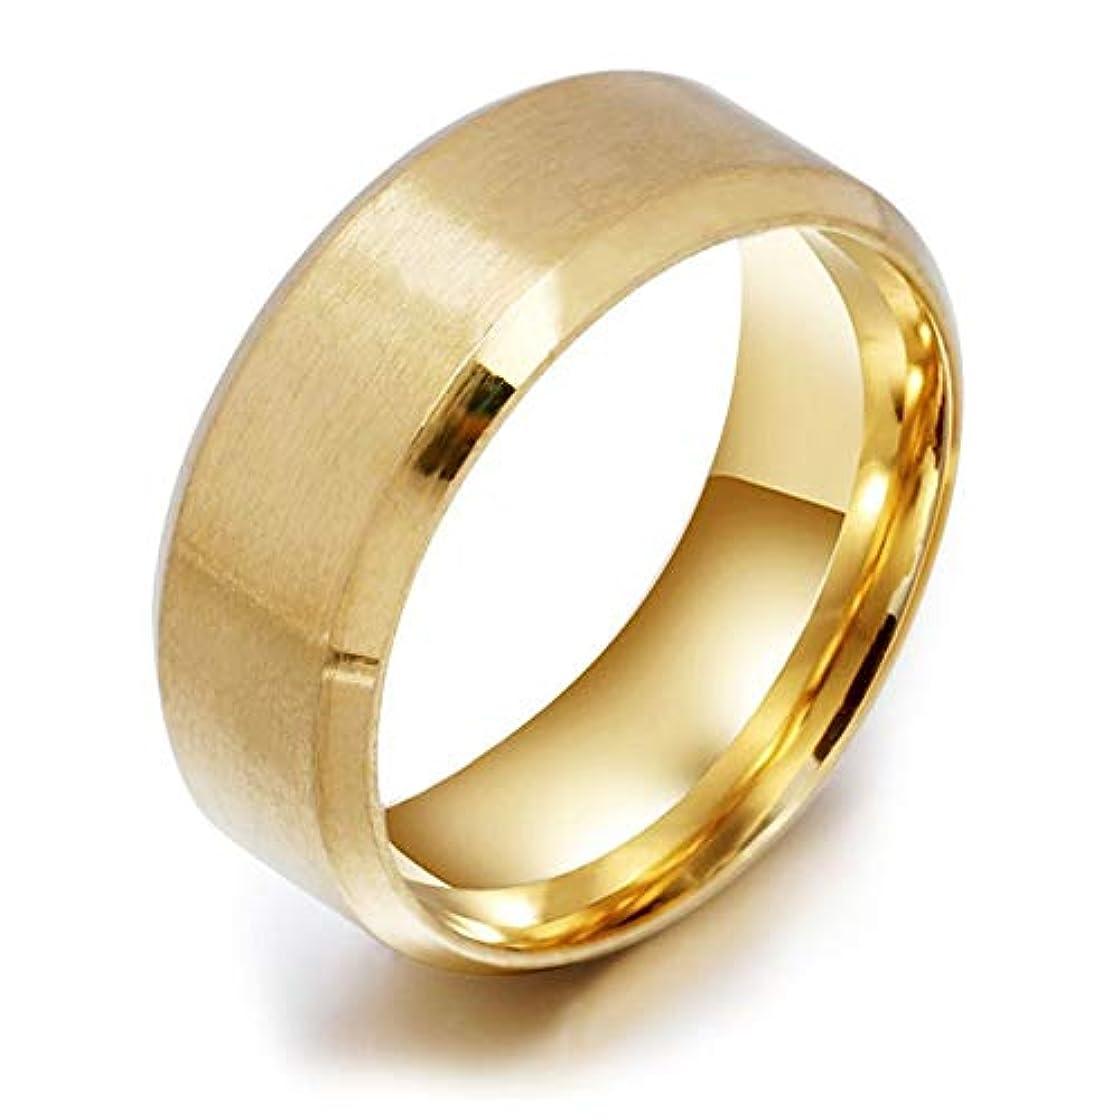 宿泊君主制涙ステンレス鋼の医療指リング磁気減量リング男性のための高いポーランドのファッションジュエリー女性リング-ゴールド10